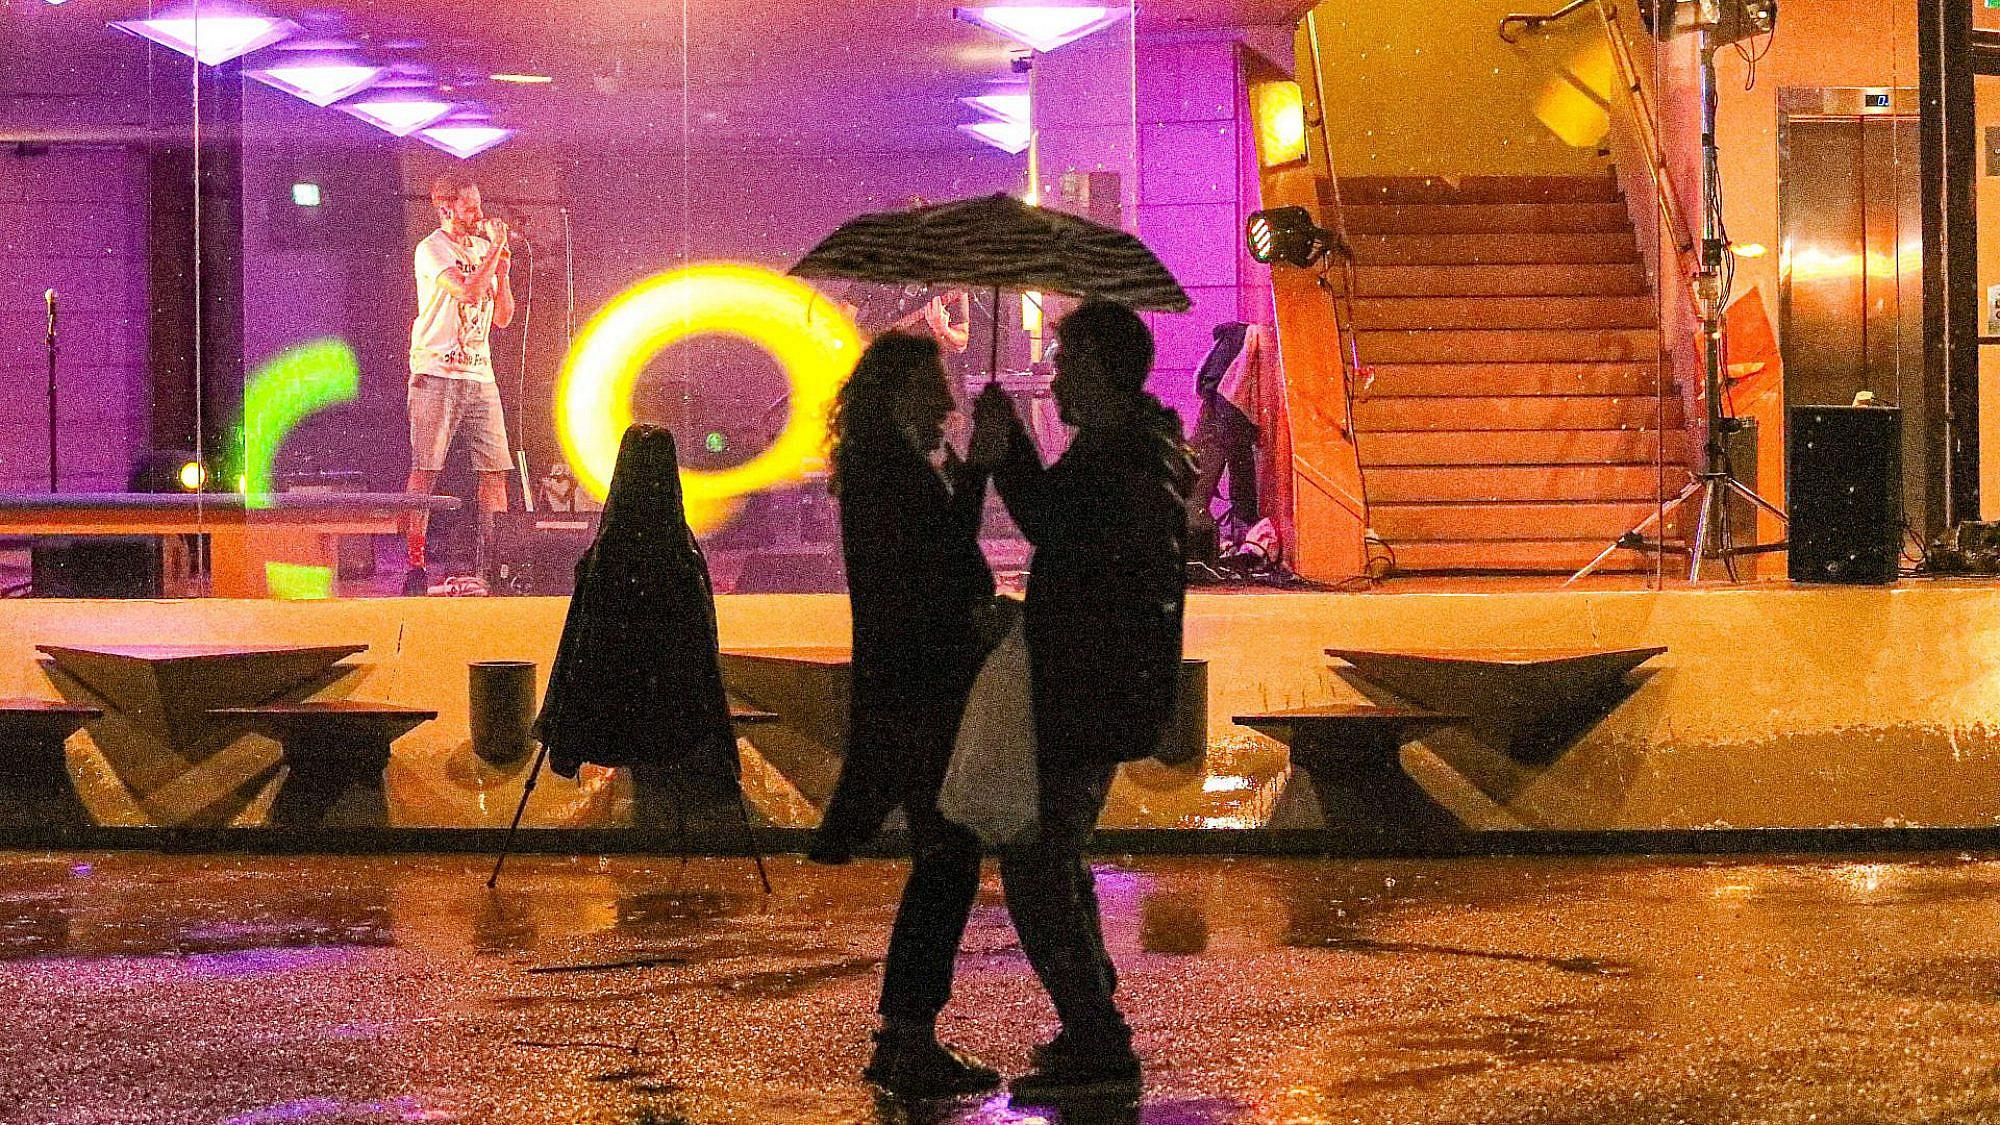 זוג מתחת למטריה בהופעה במרכז ענב. צילום: שלומי יוסף